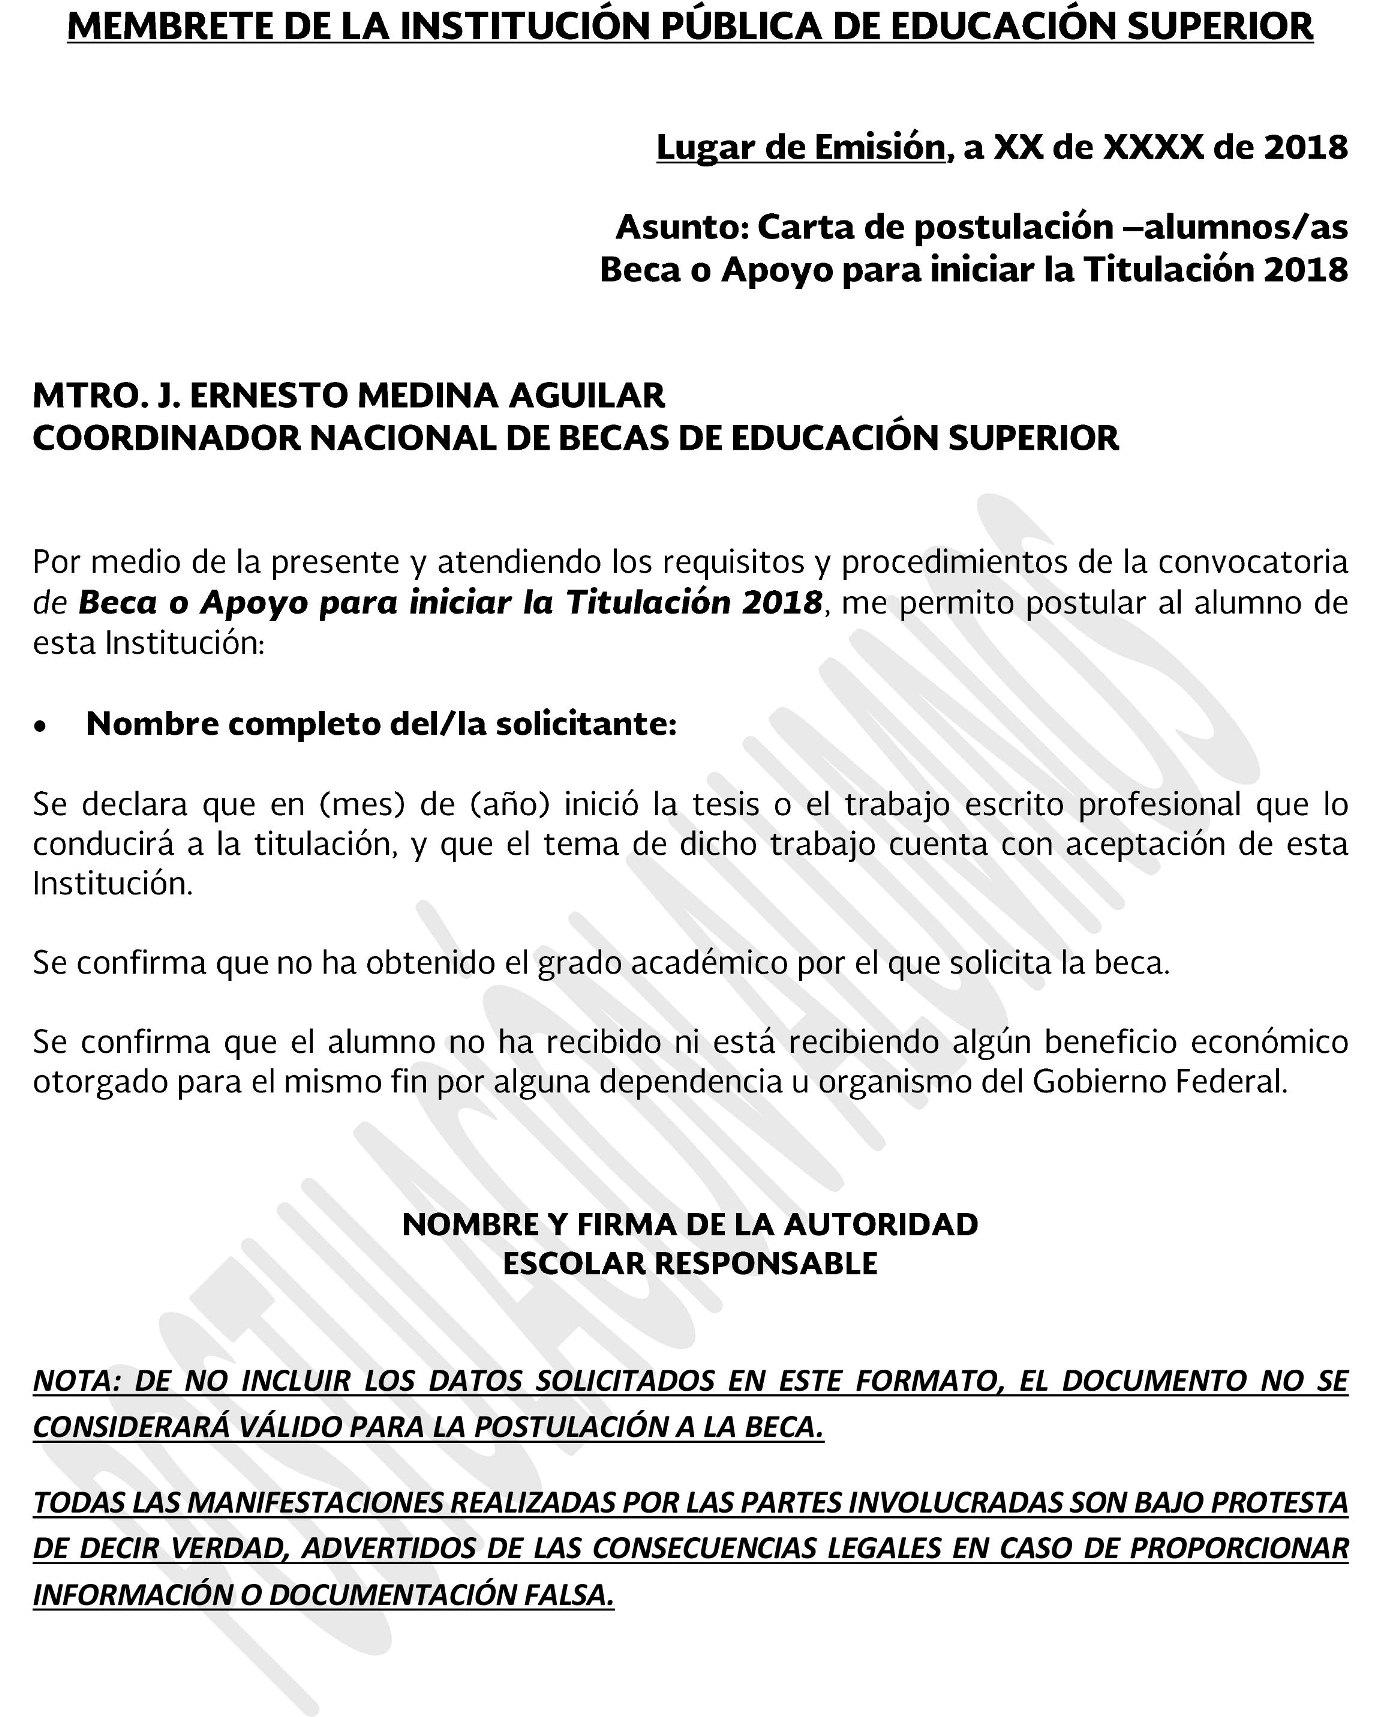 CONVOCATORIA_INICIA_TITULACION_2018-6